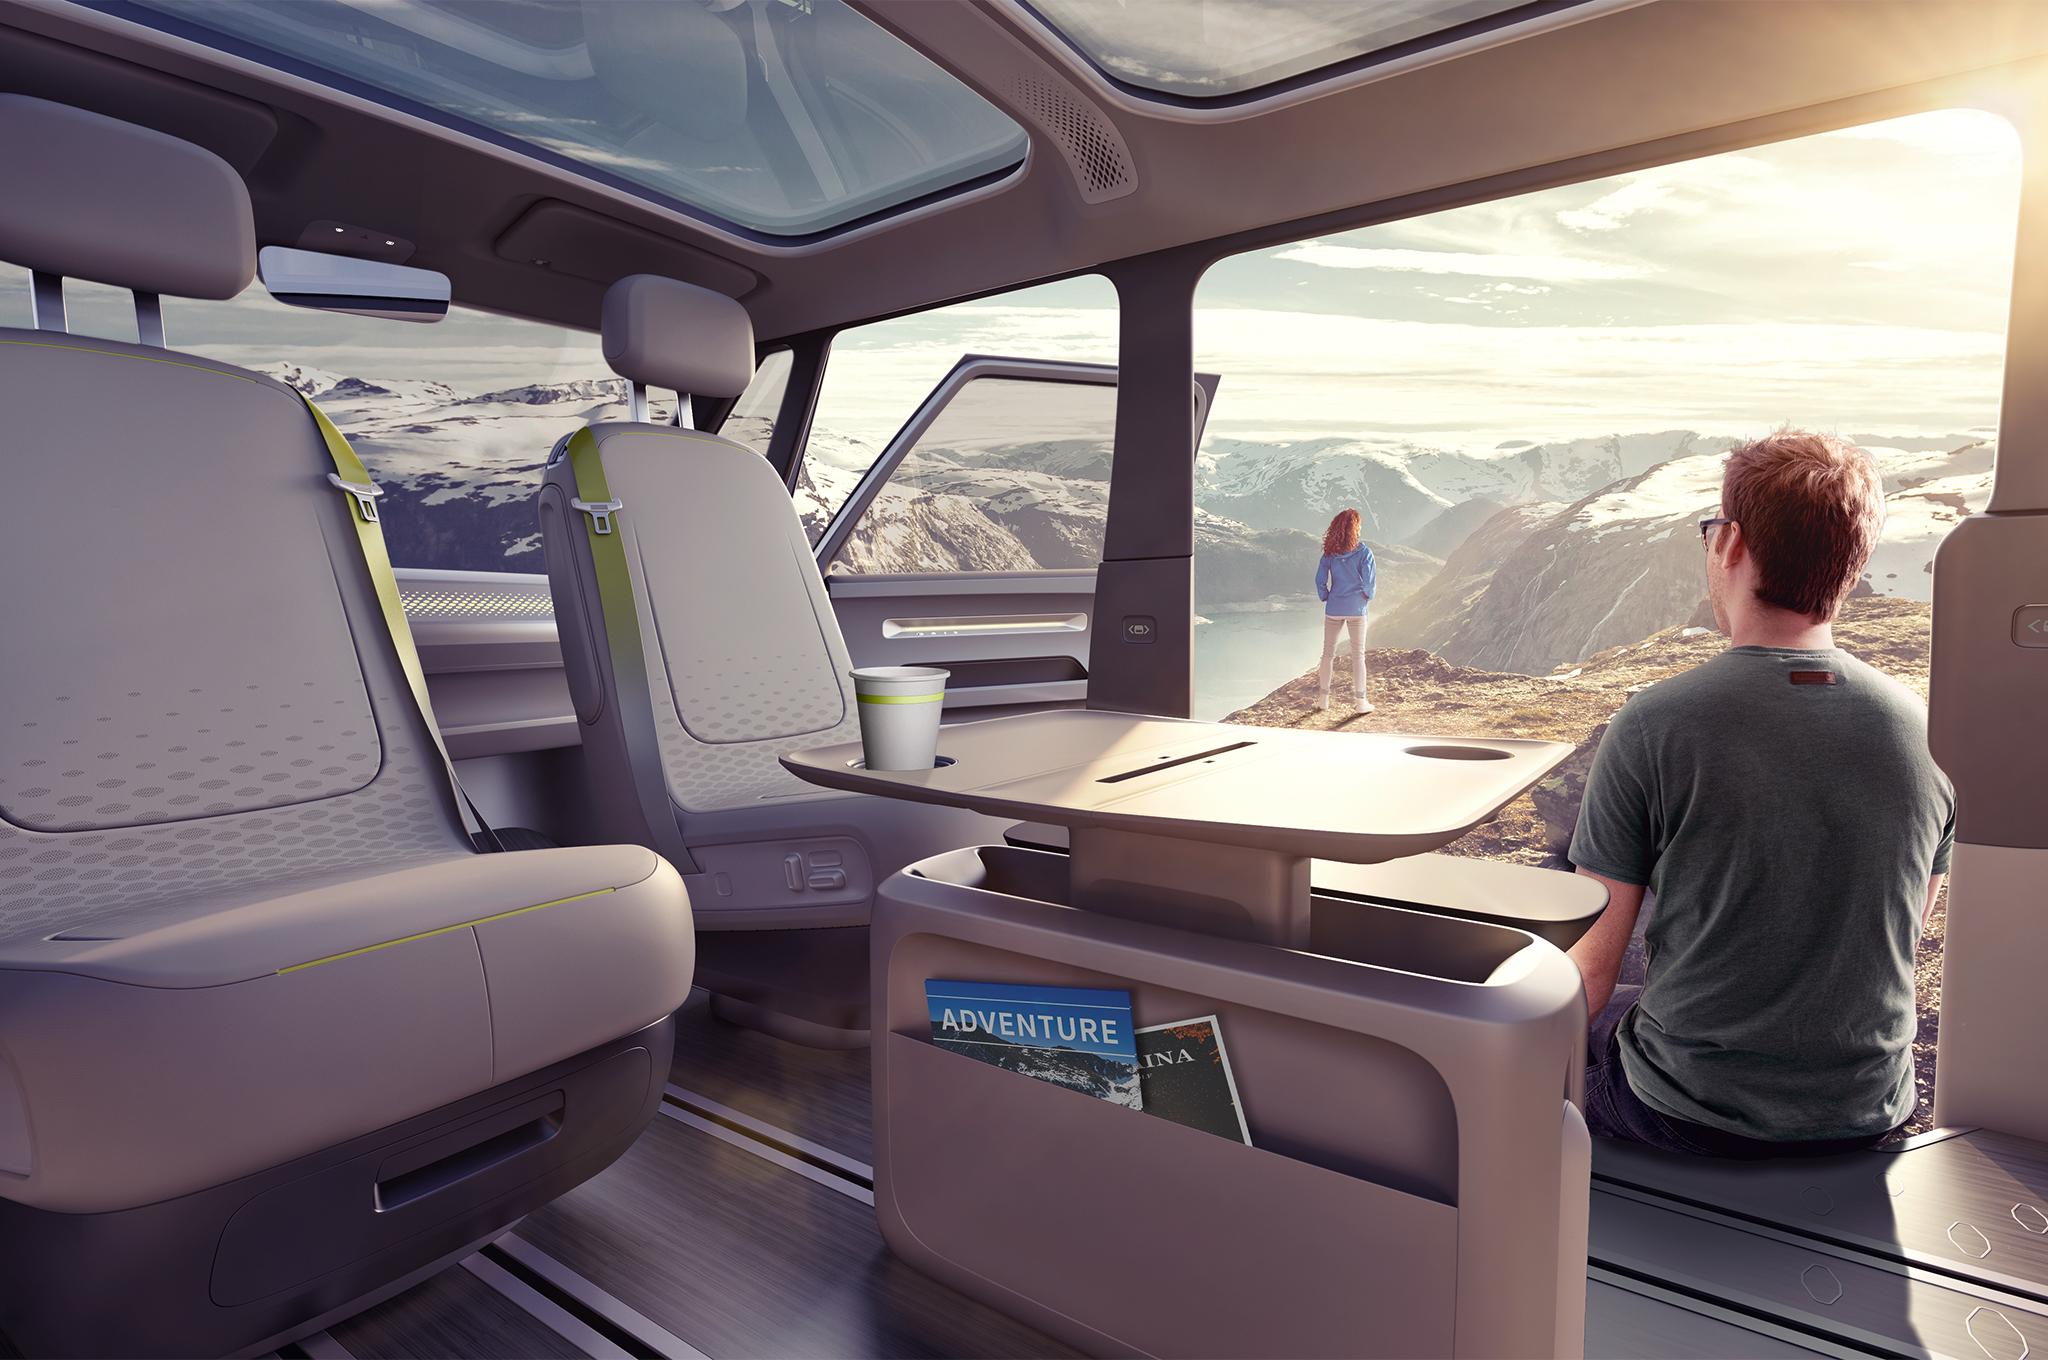 Le légendaire combi Volkswagen fait son retour... en mode électrique ! Par Axel Leclercq Combi-volkswagen-combi-electrique-1